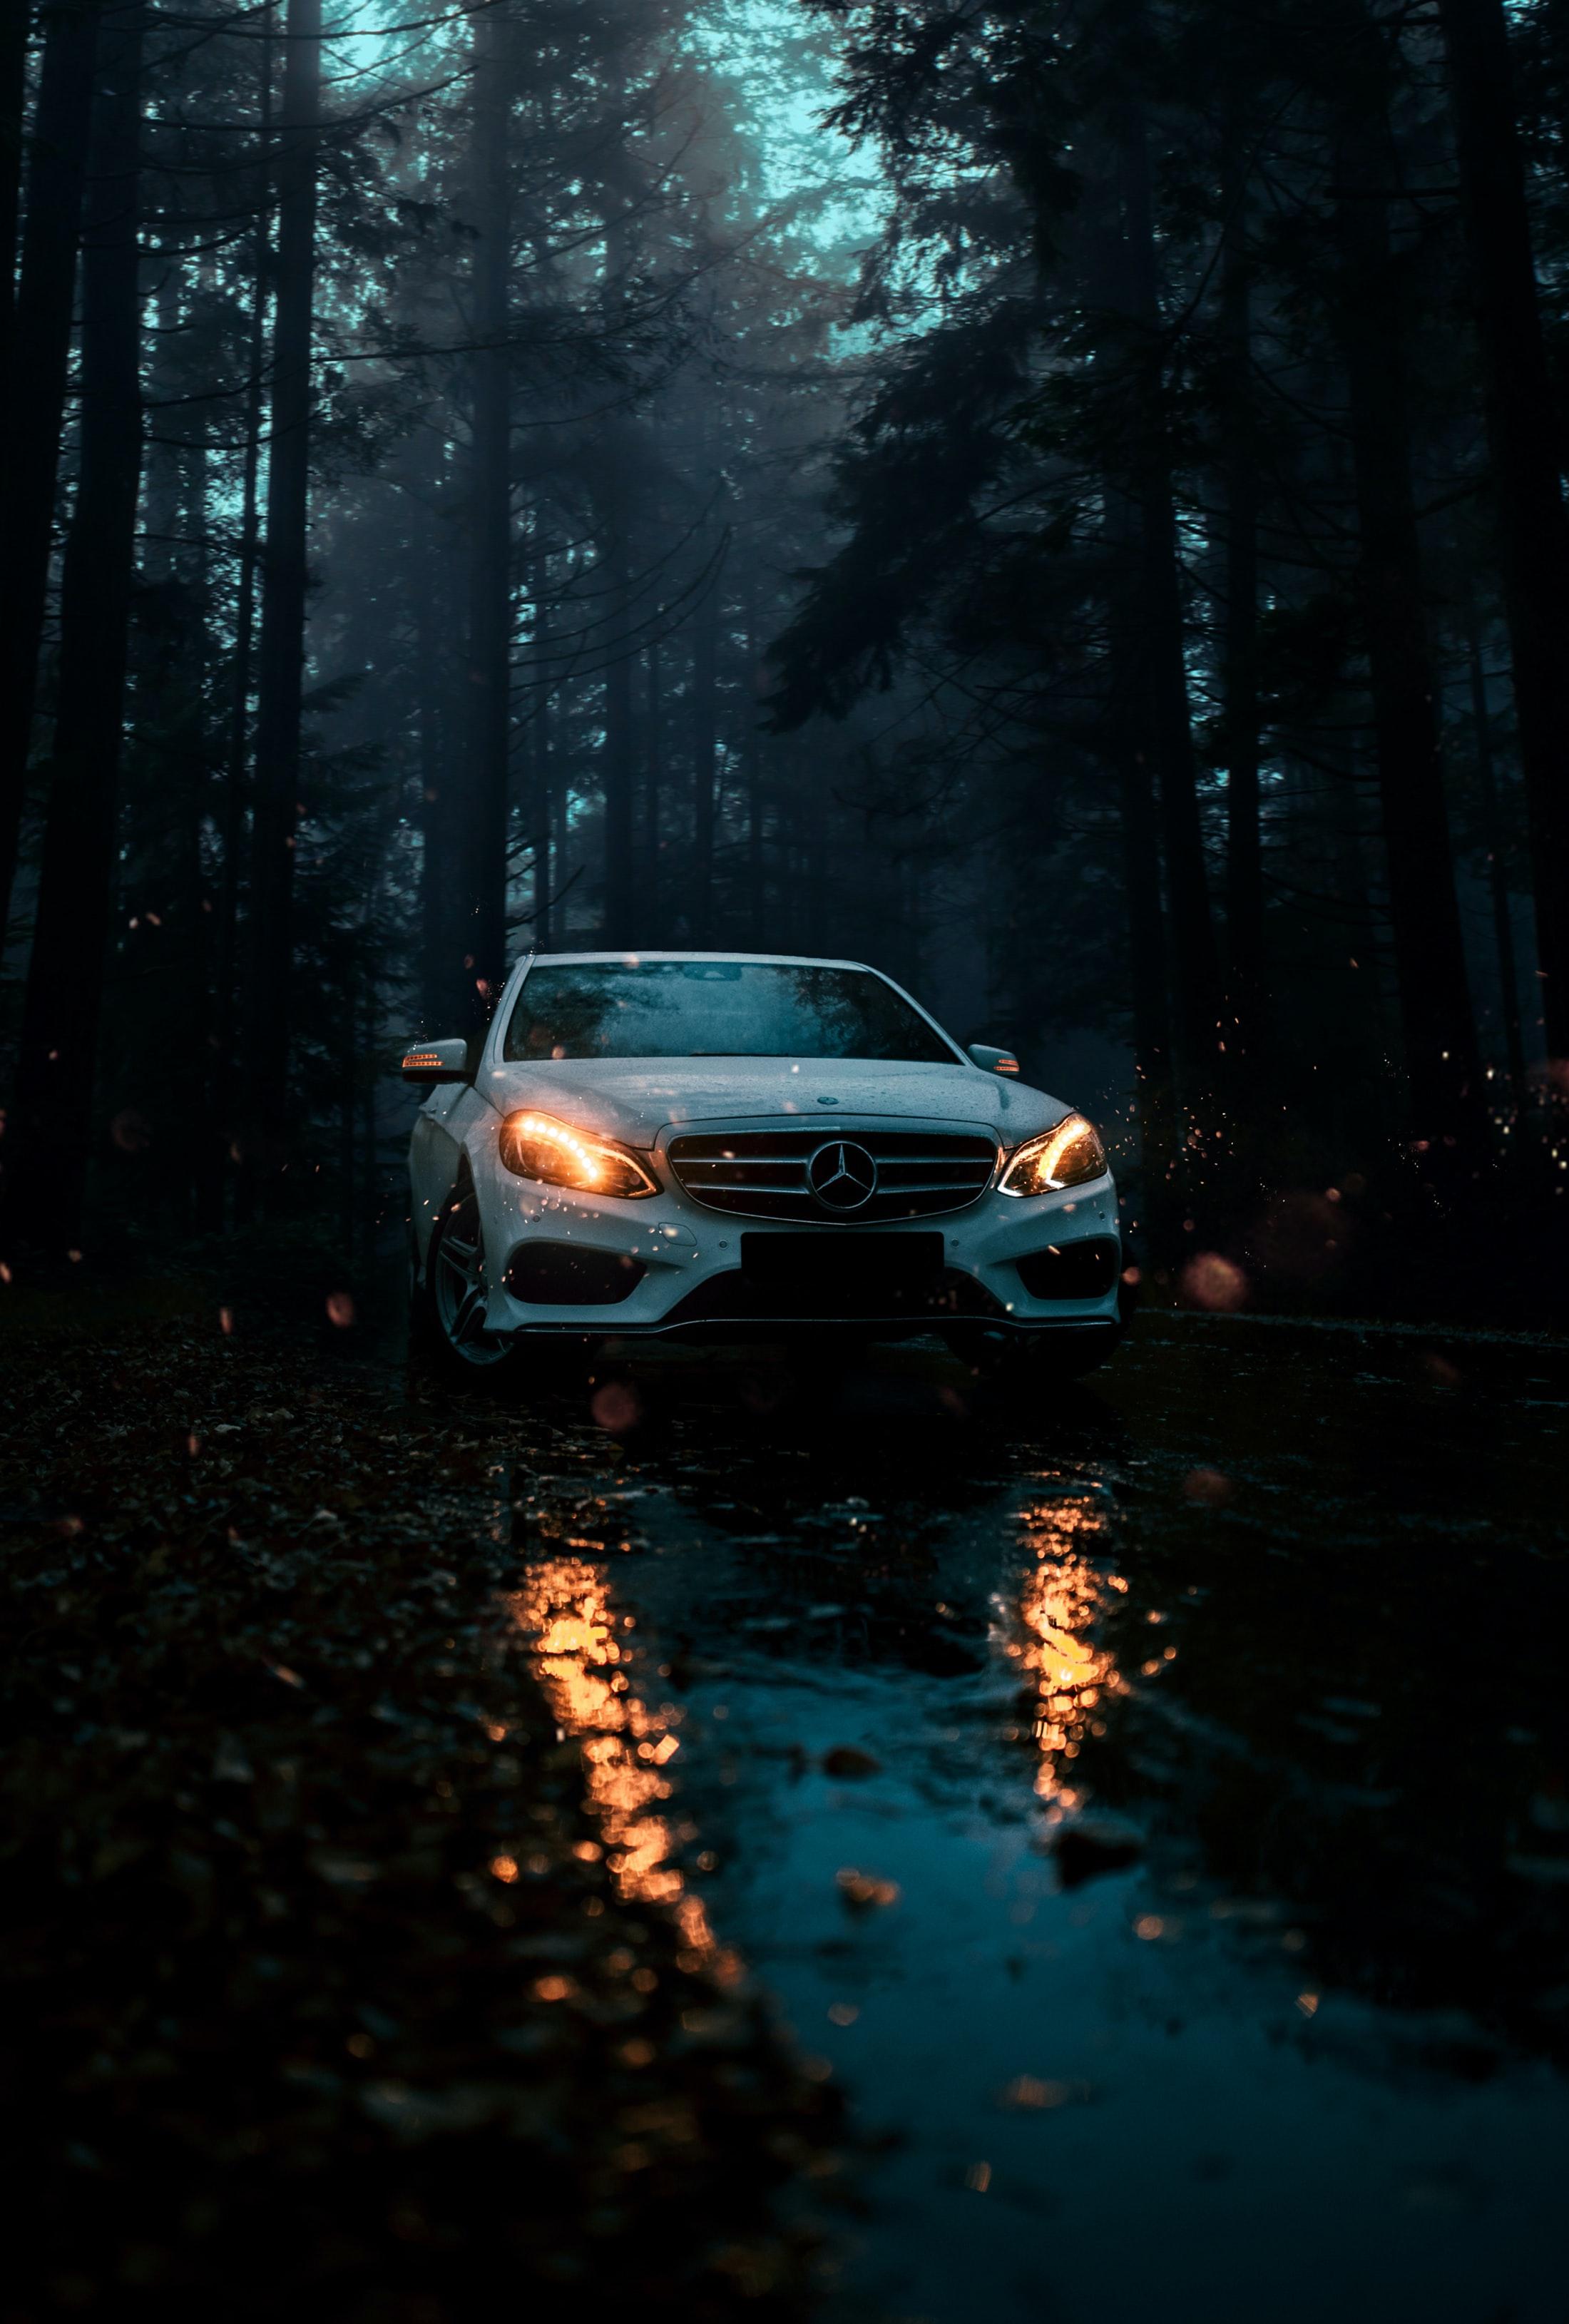 113845 Hintergrundbild herunterladen Auto, Mercedes, Cars, Wald, Wagen, Vorderansicht, Frontansicht - Bildschirmschoner und Bilder kostenlos